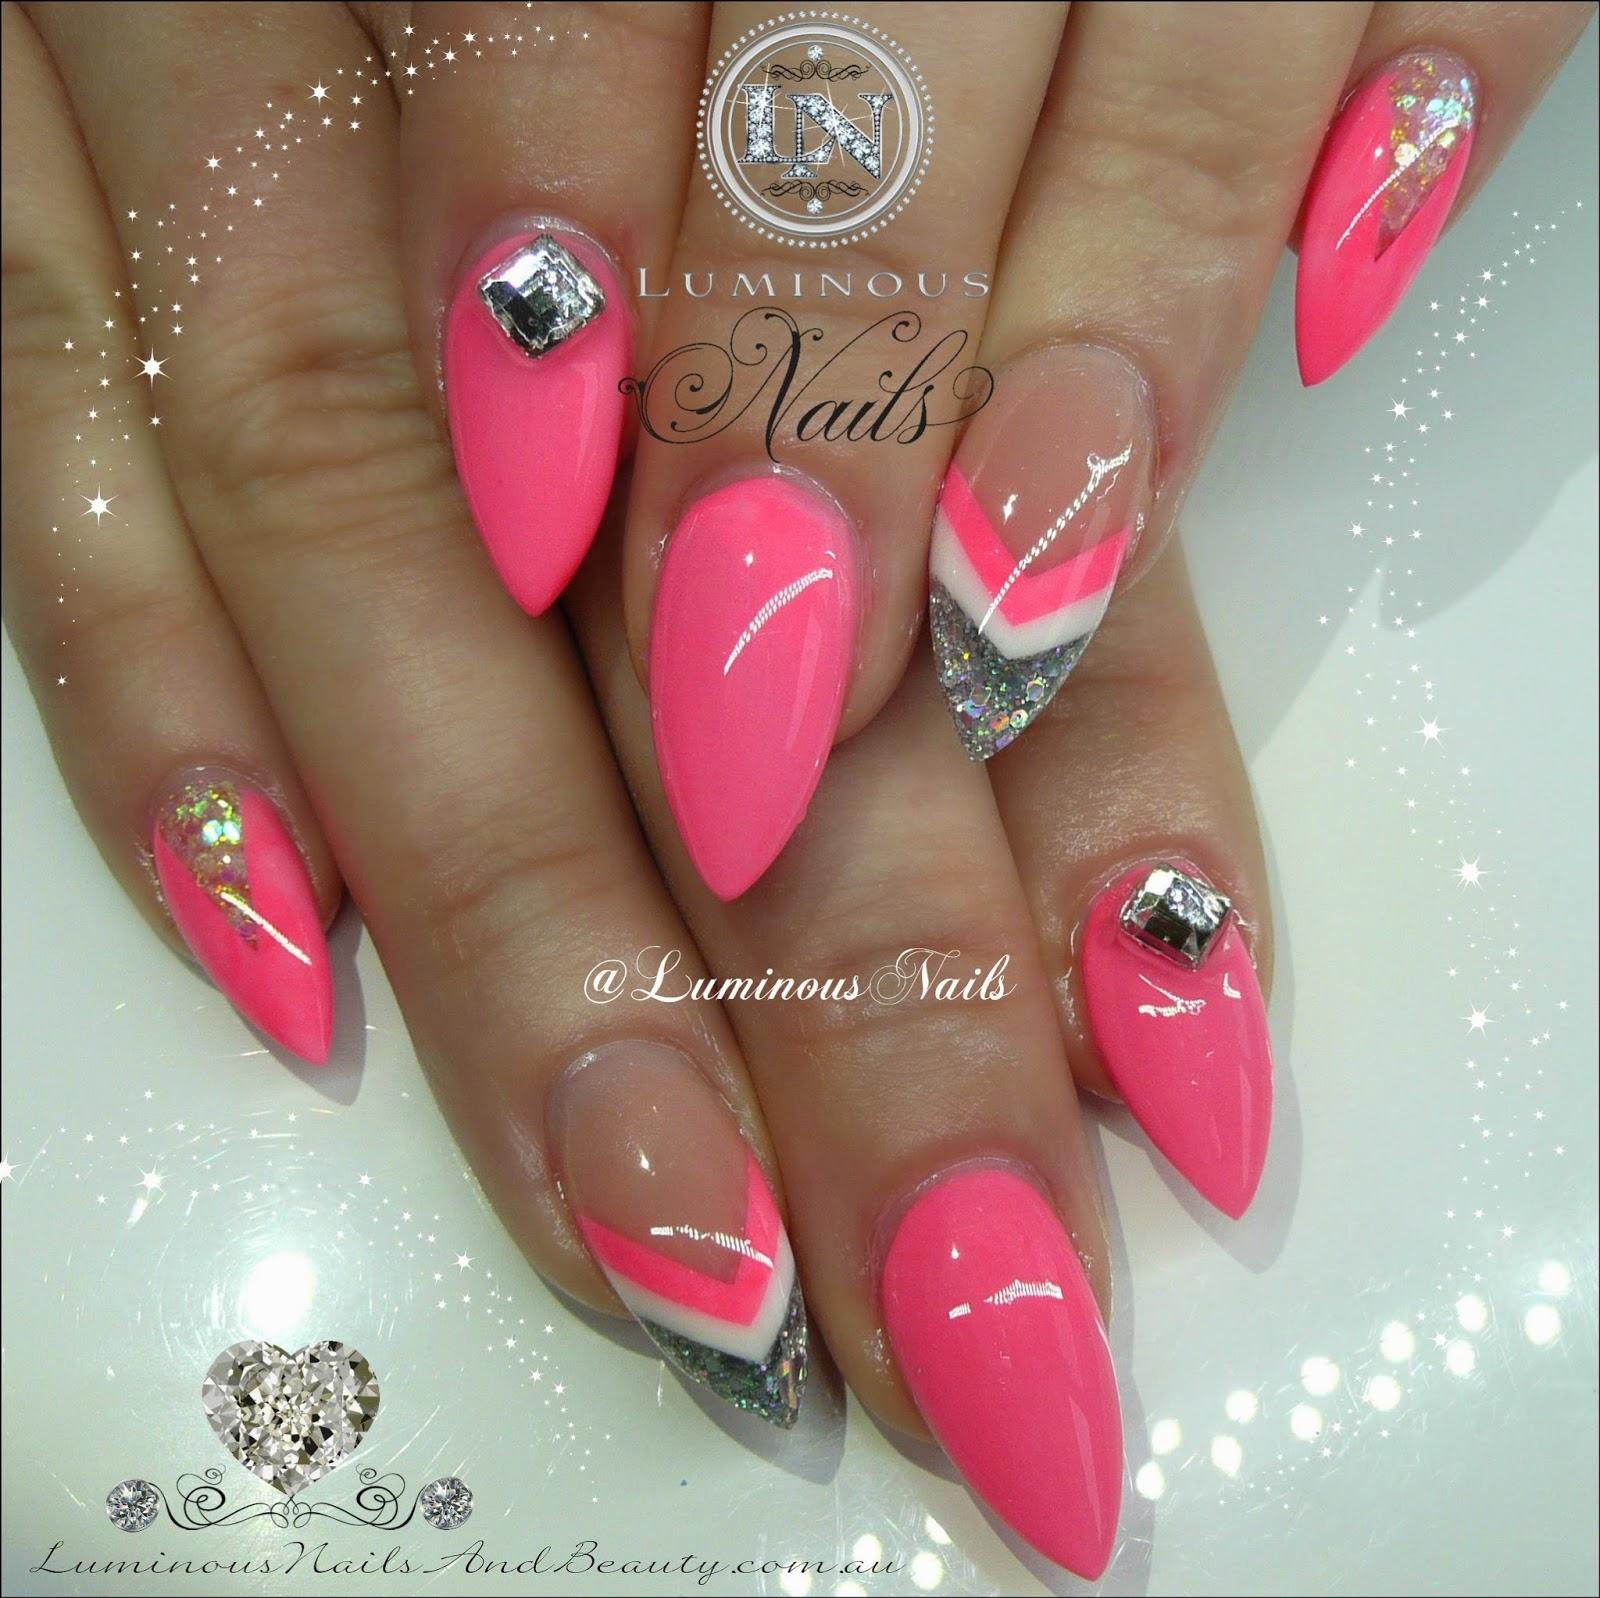 Pink and silver nails - Hot Pink Nails With Gold Glitter Vvvtinfo Nail Art Hot Pink